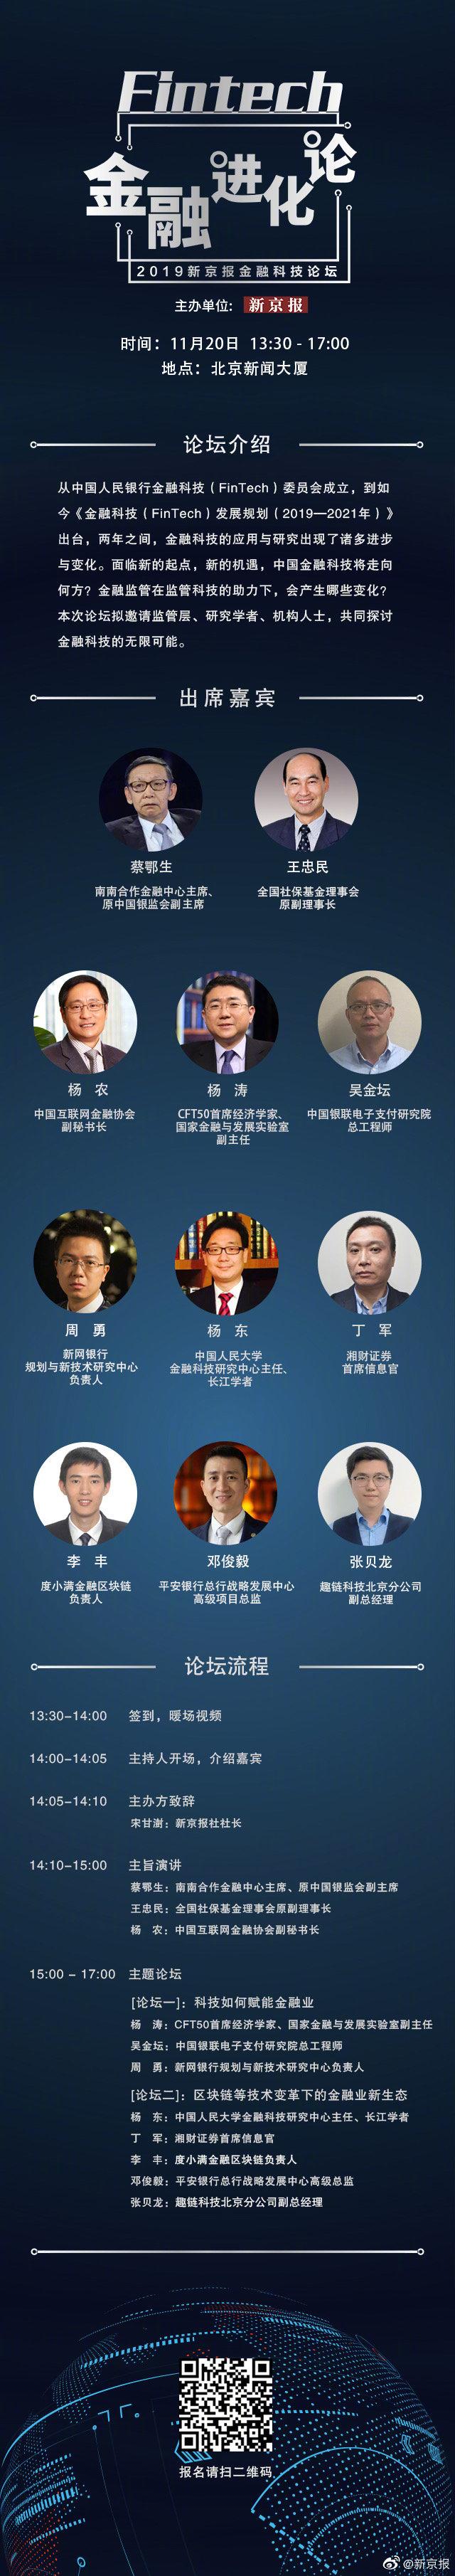 """""""金融进化论2019新京报金融科技论坛""""倒计时"""